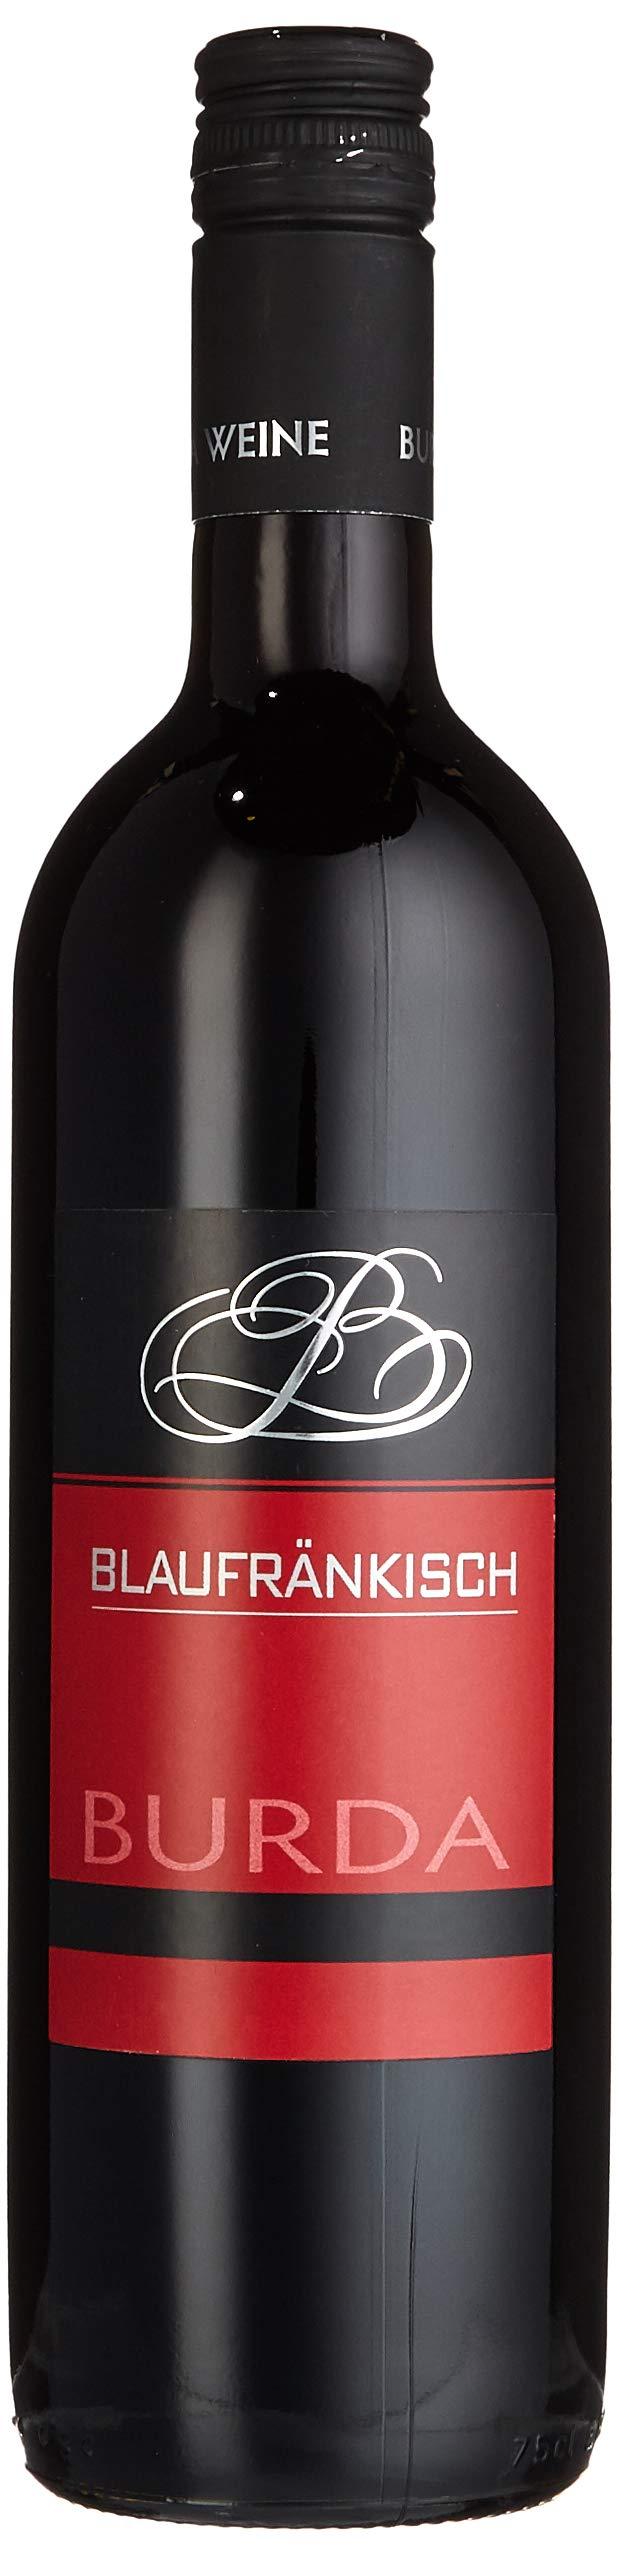 Burda-Blaufrnkisch-2015-trocken-1-x-075-l